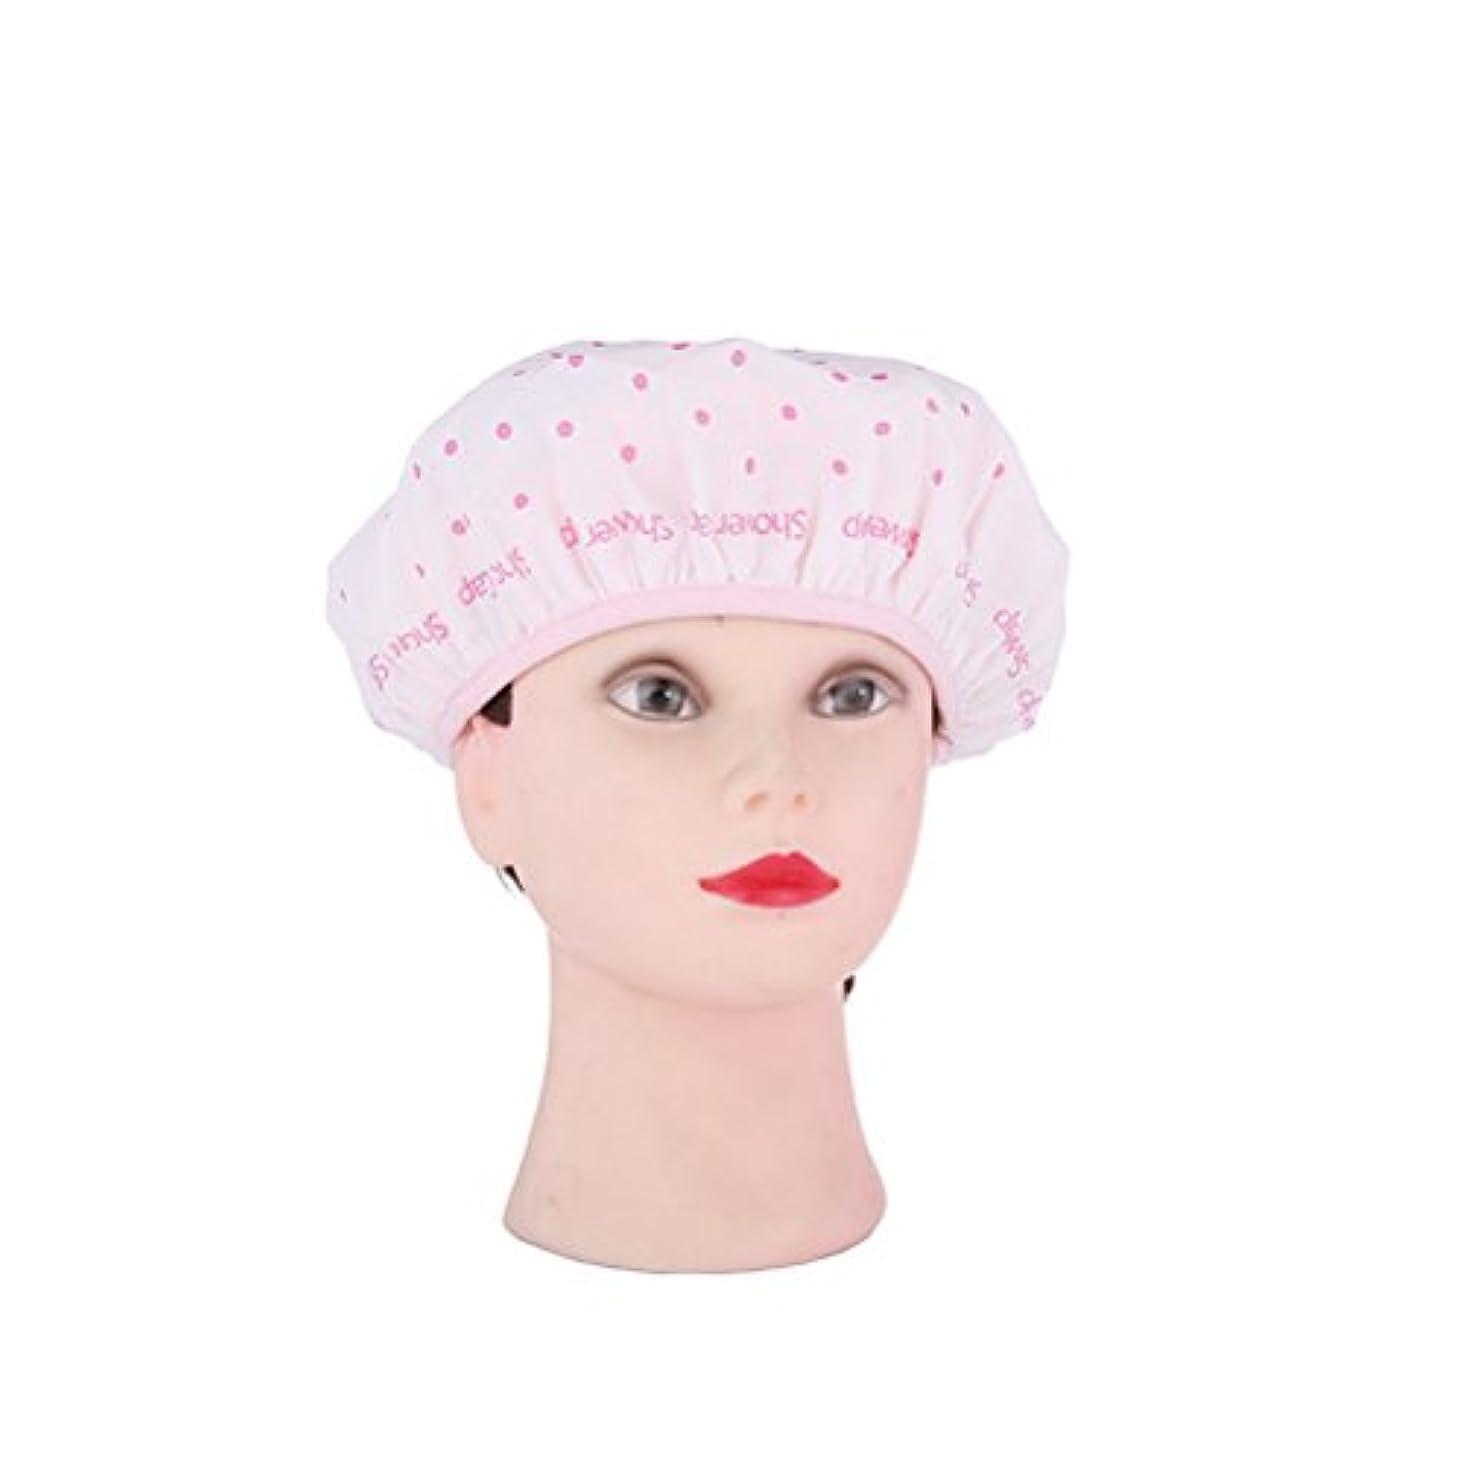 もっとさせる時刻表HEALLILY シャワーの帽子女性の子供のための防水シャワーの帽子のBathのシャワーの毛の帽子